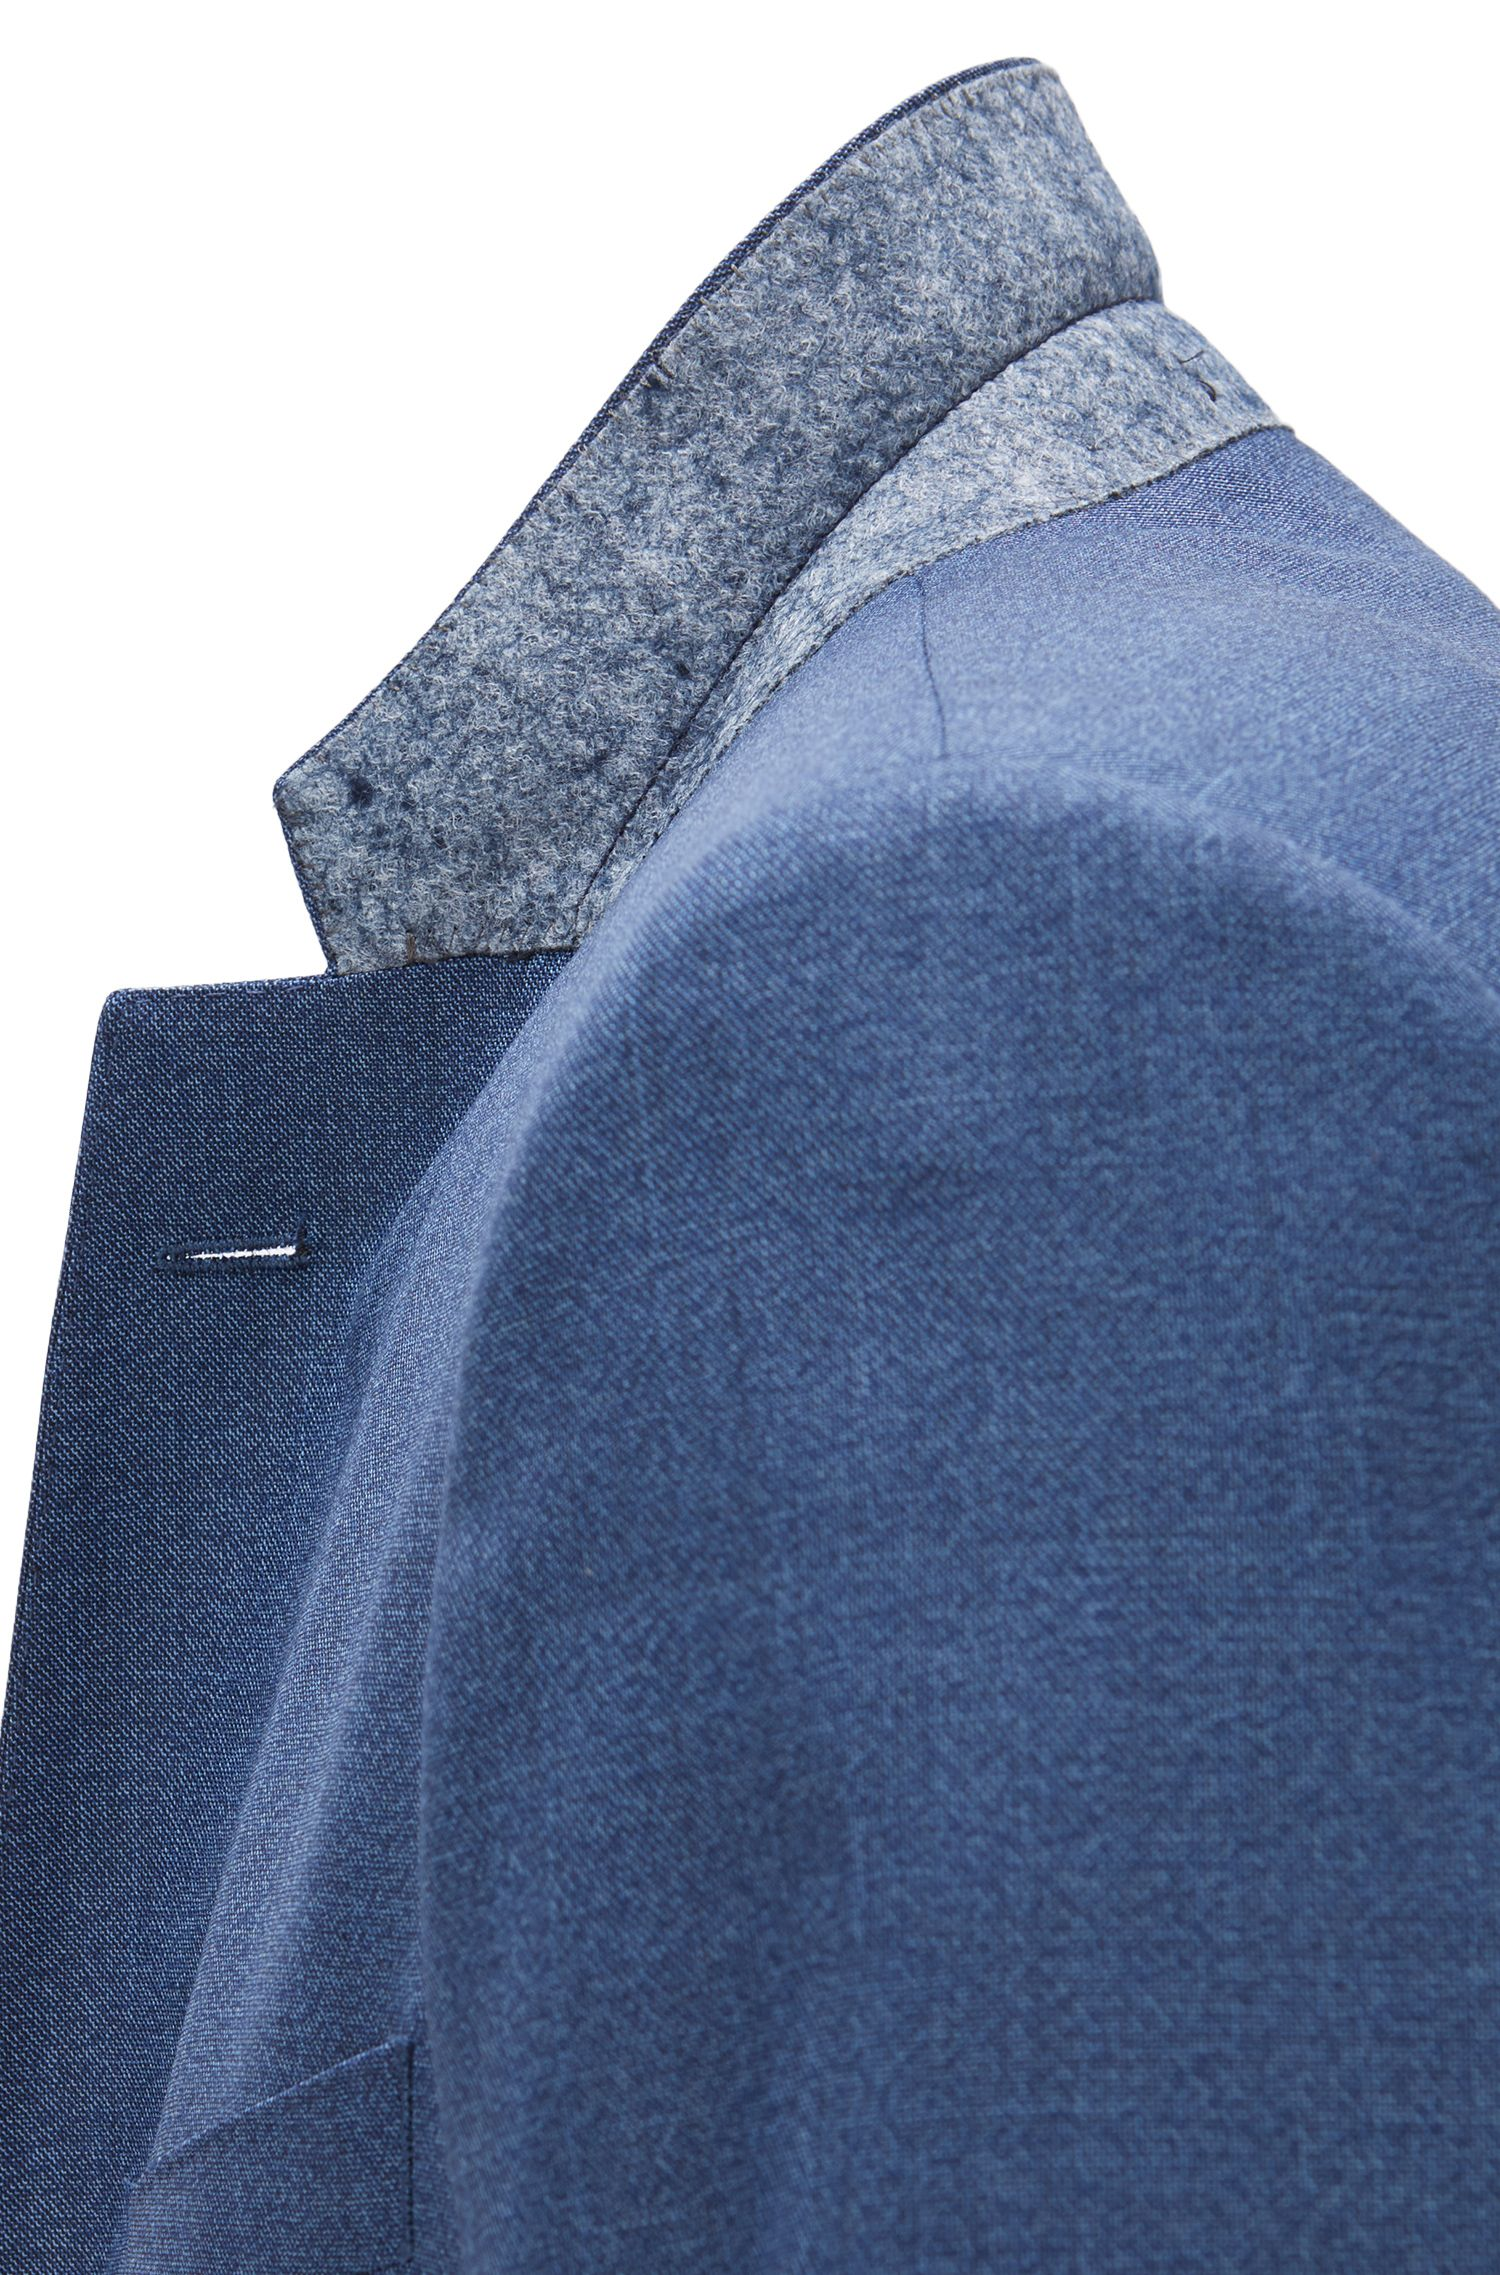 Melange Italian Super 120 Virgin Wool Suit, Slim Fit | Huge/Genius, Blue